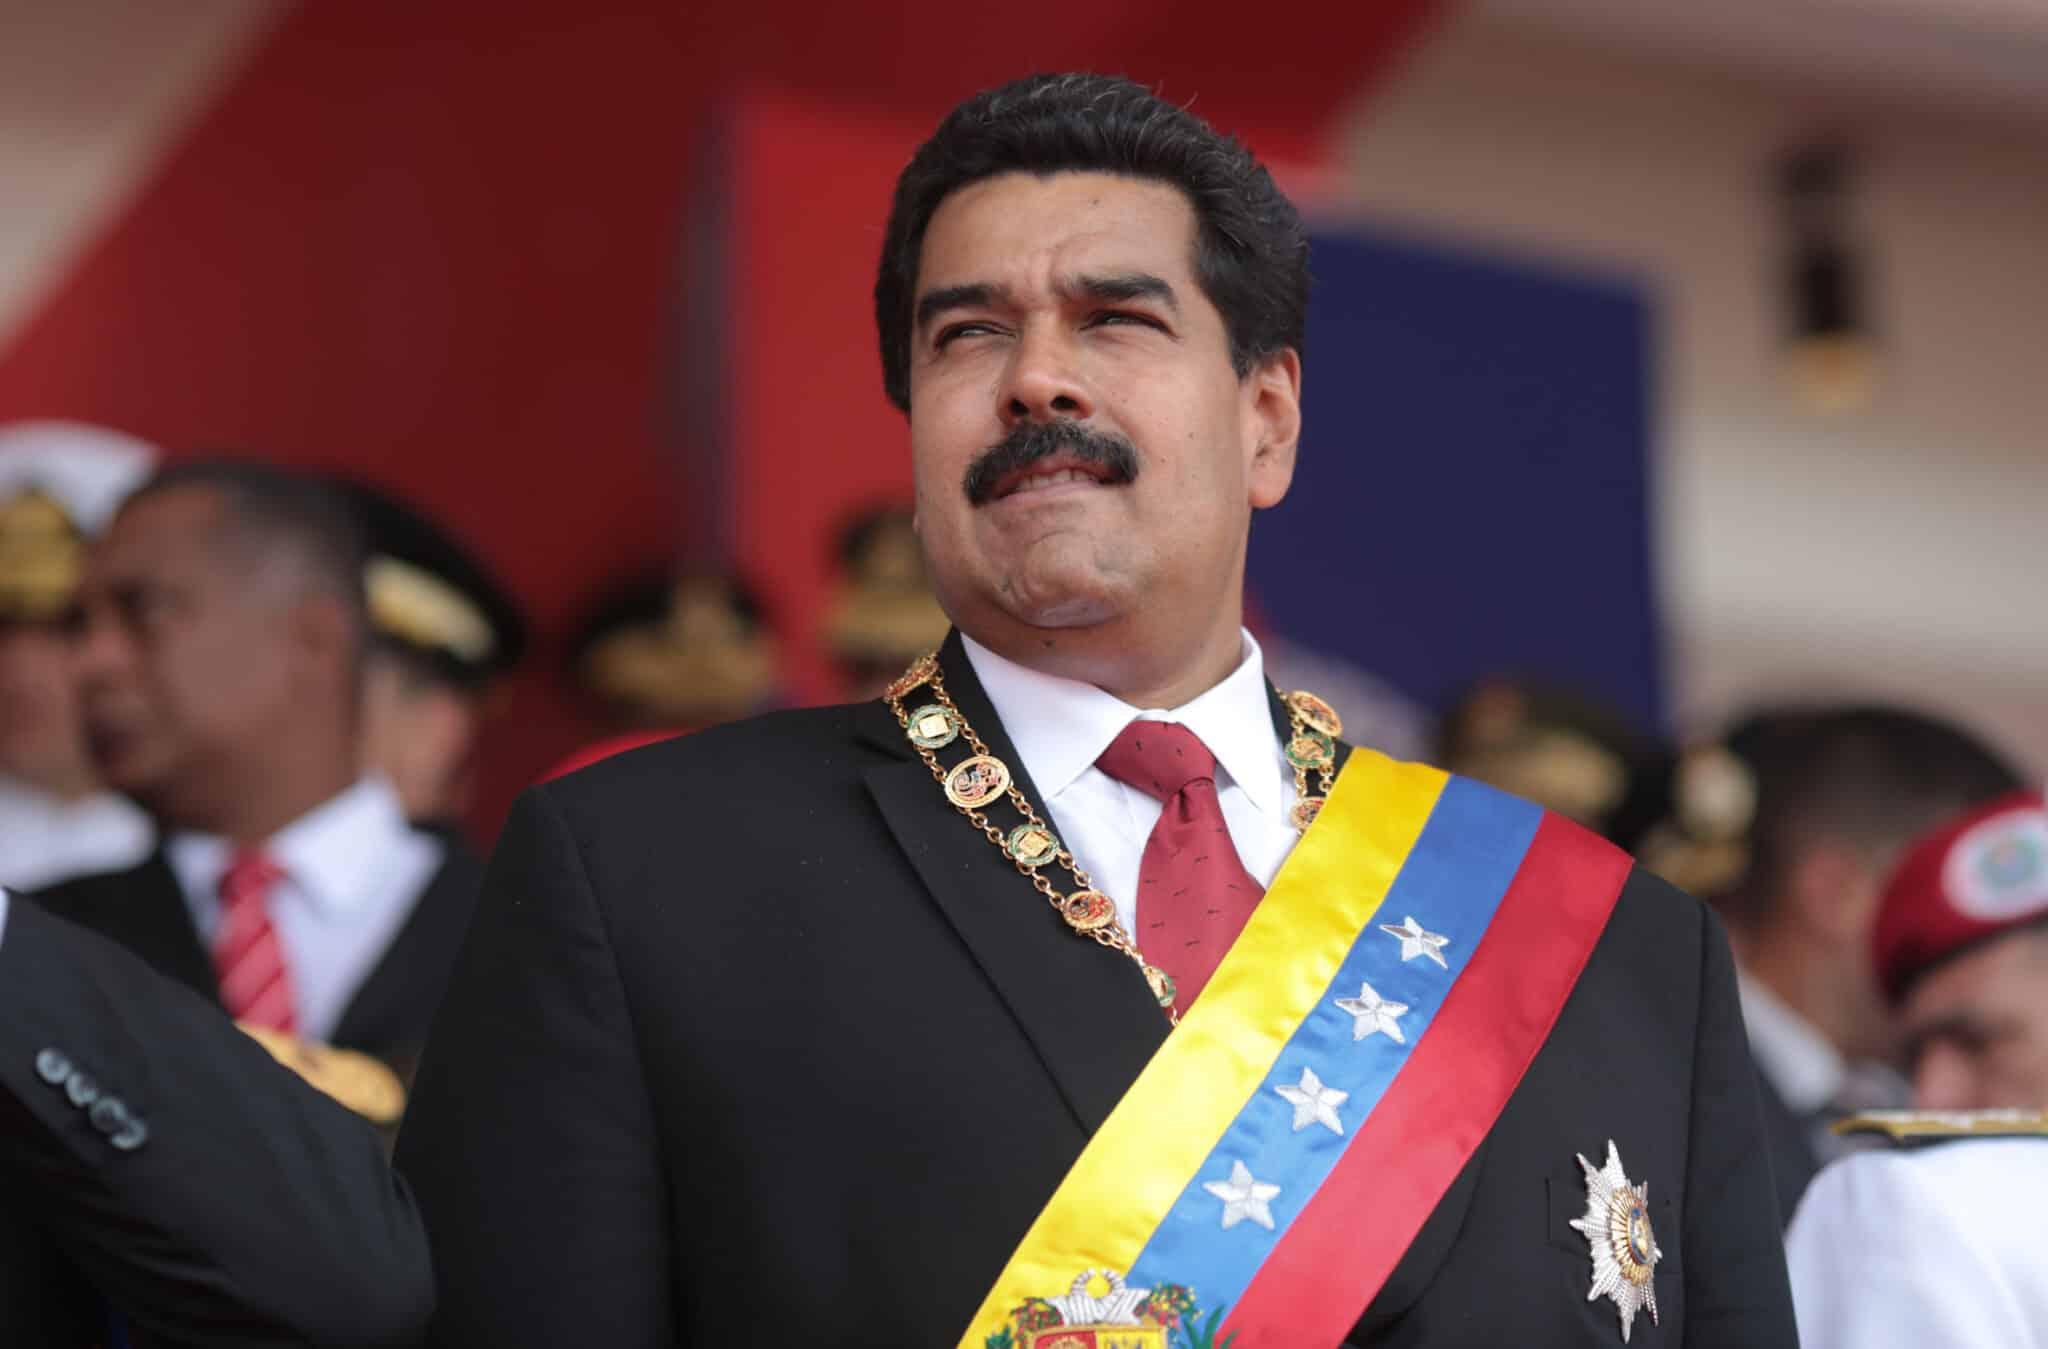 Les États-Unis ont décidé d'accorder la protection à Nicolas Maduro sur leur territoire.